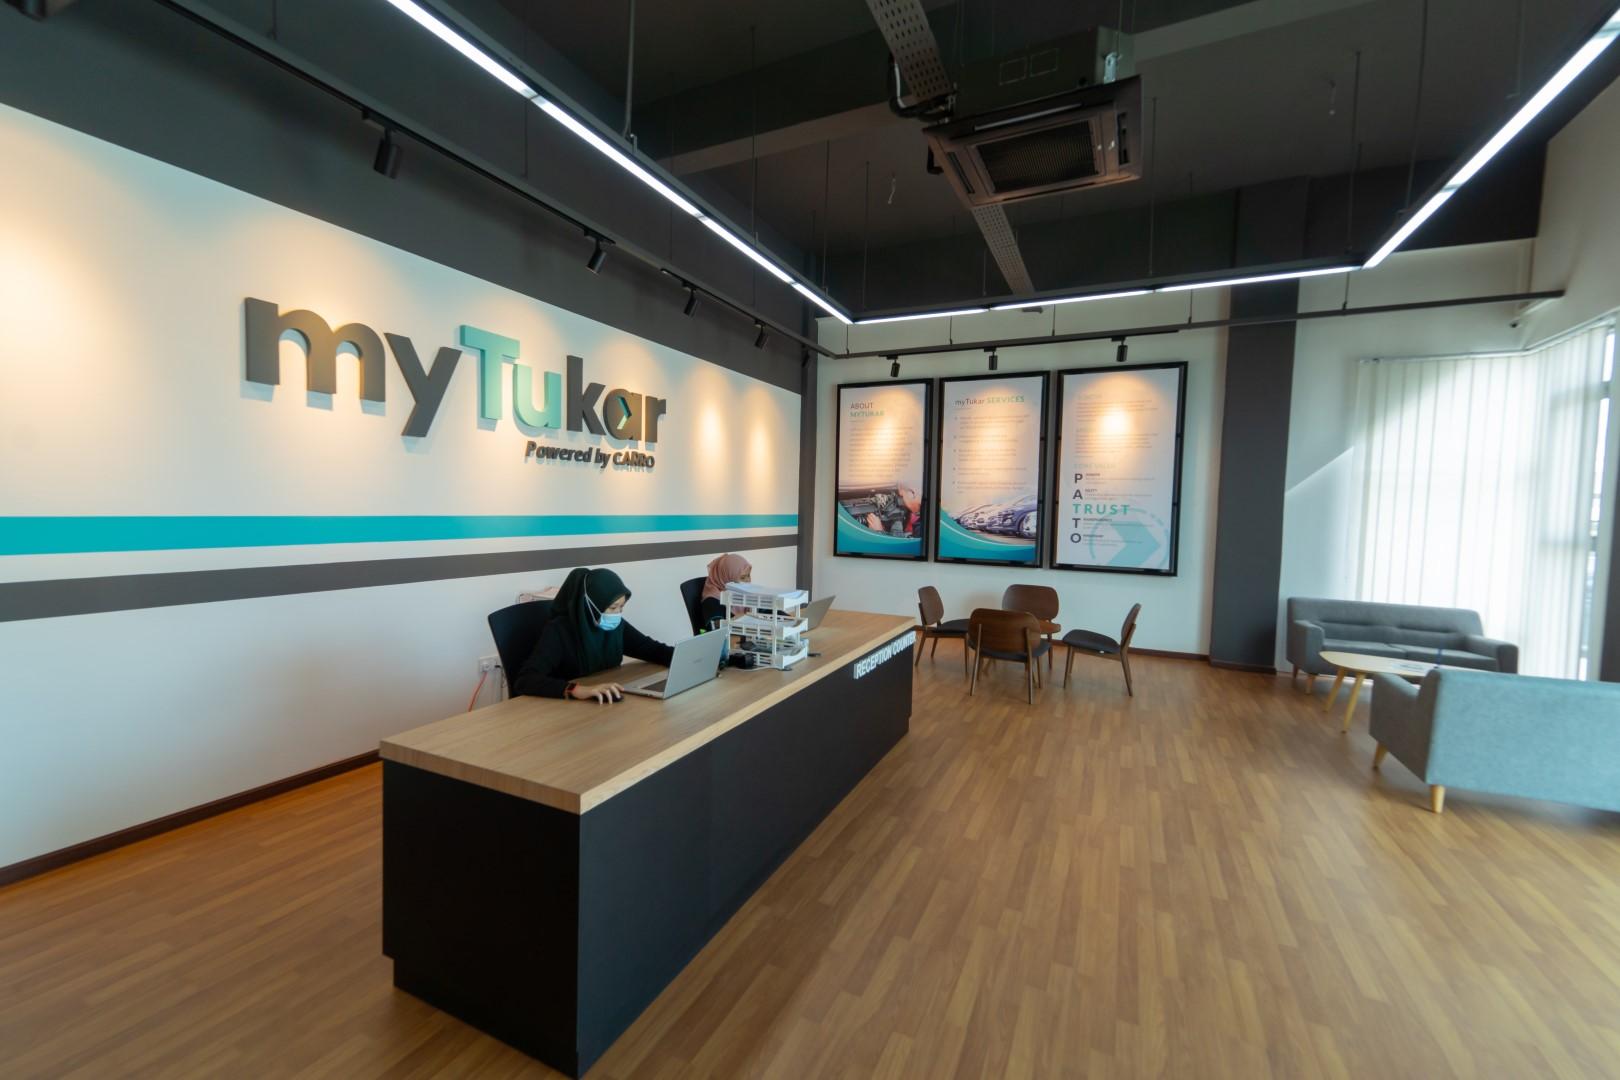 mytukar east malaysia